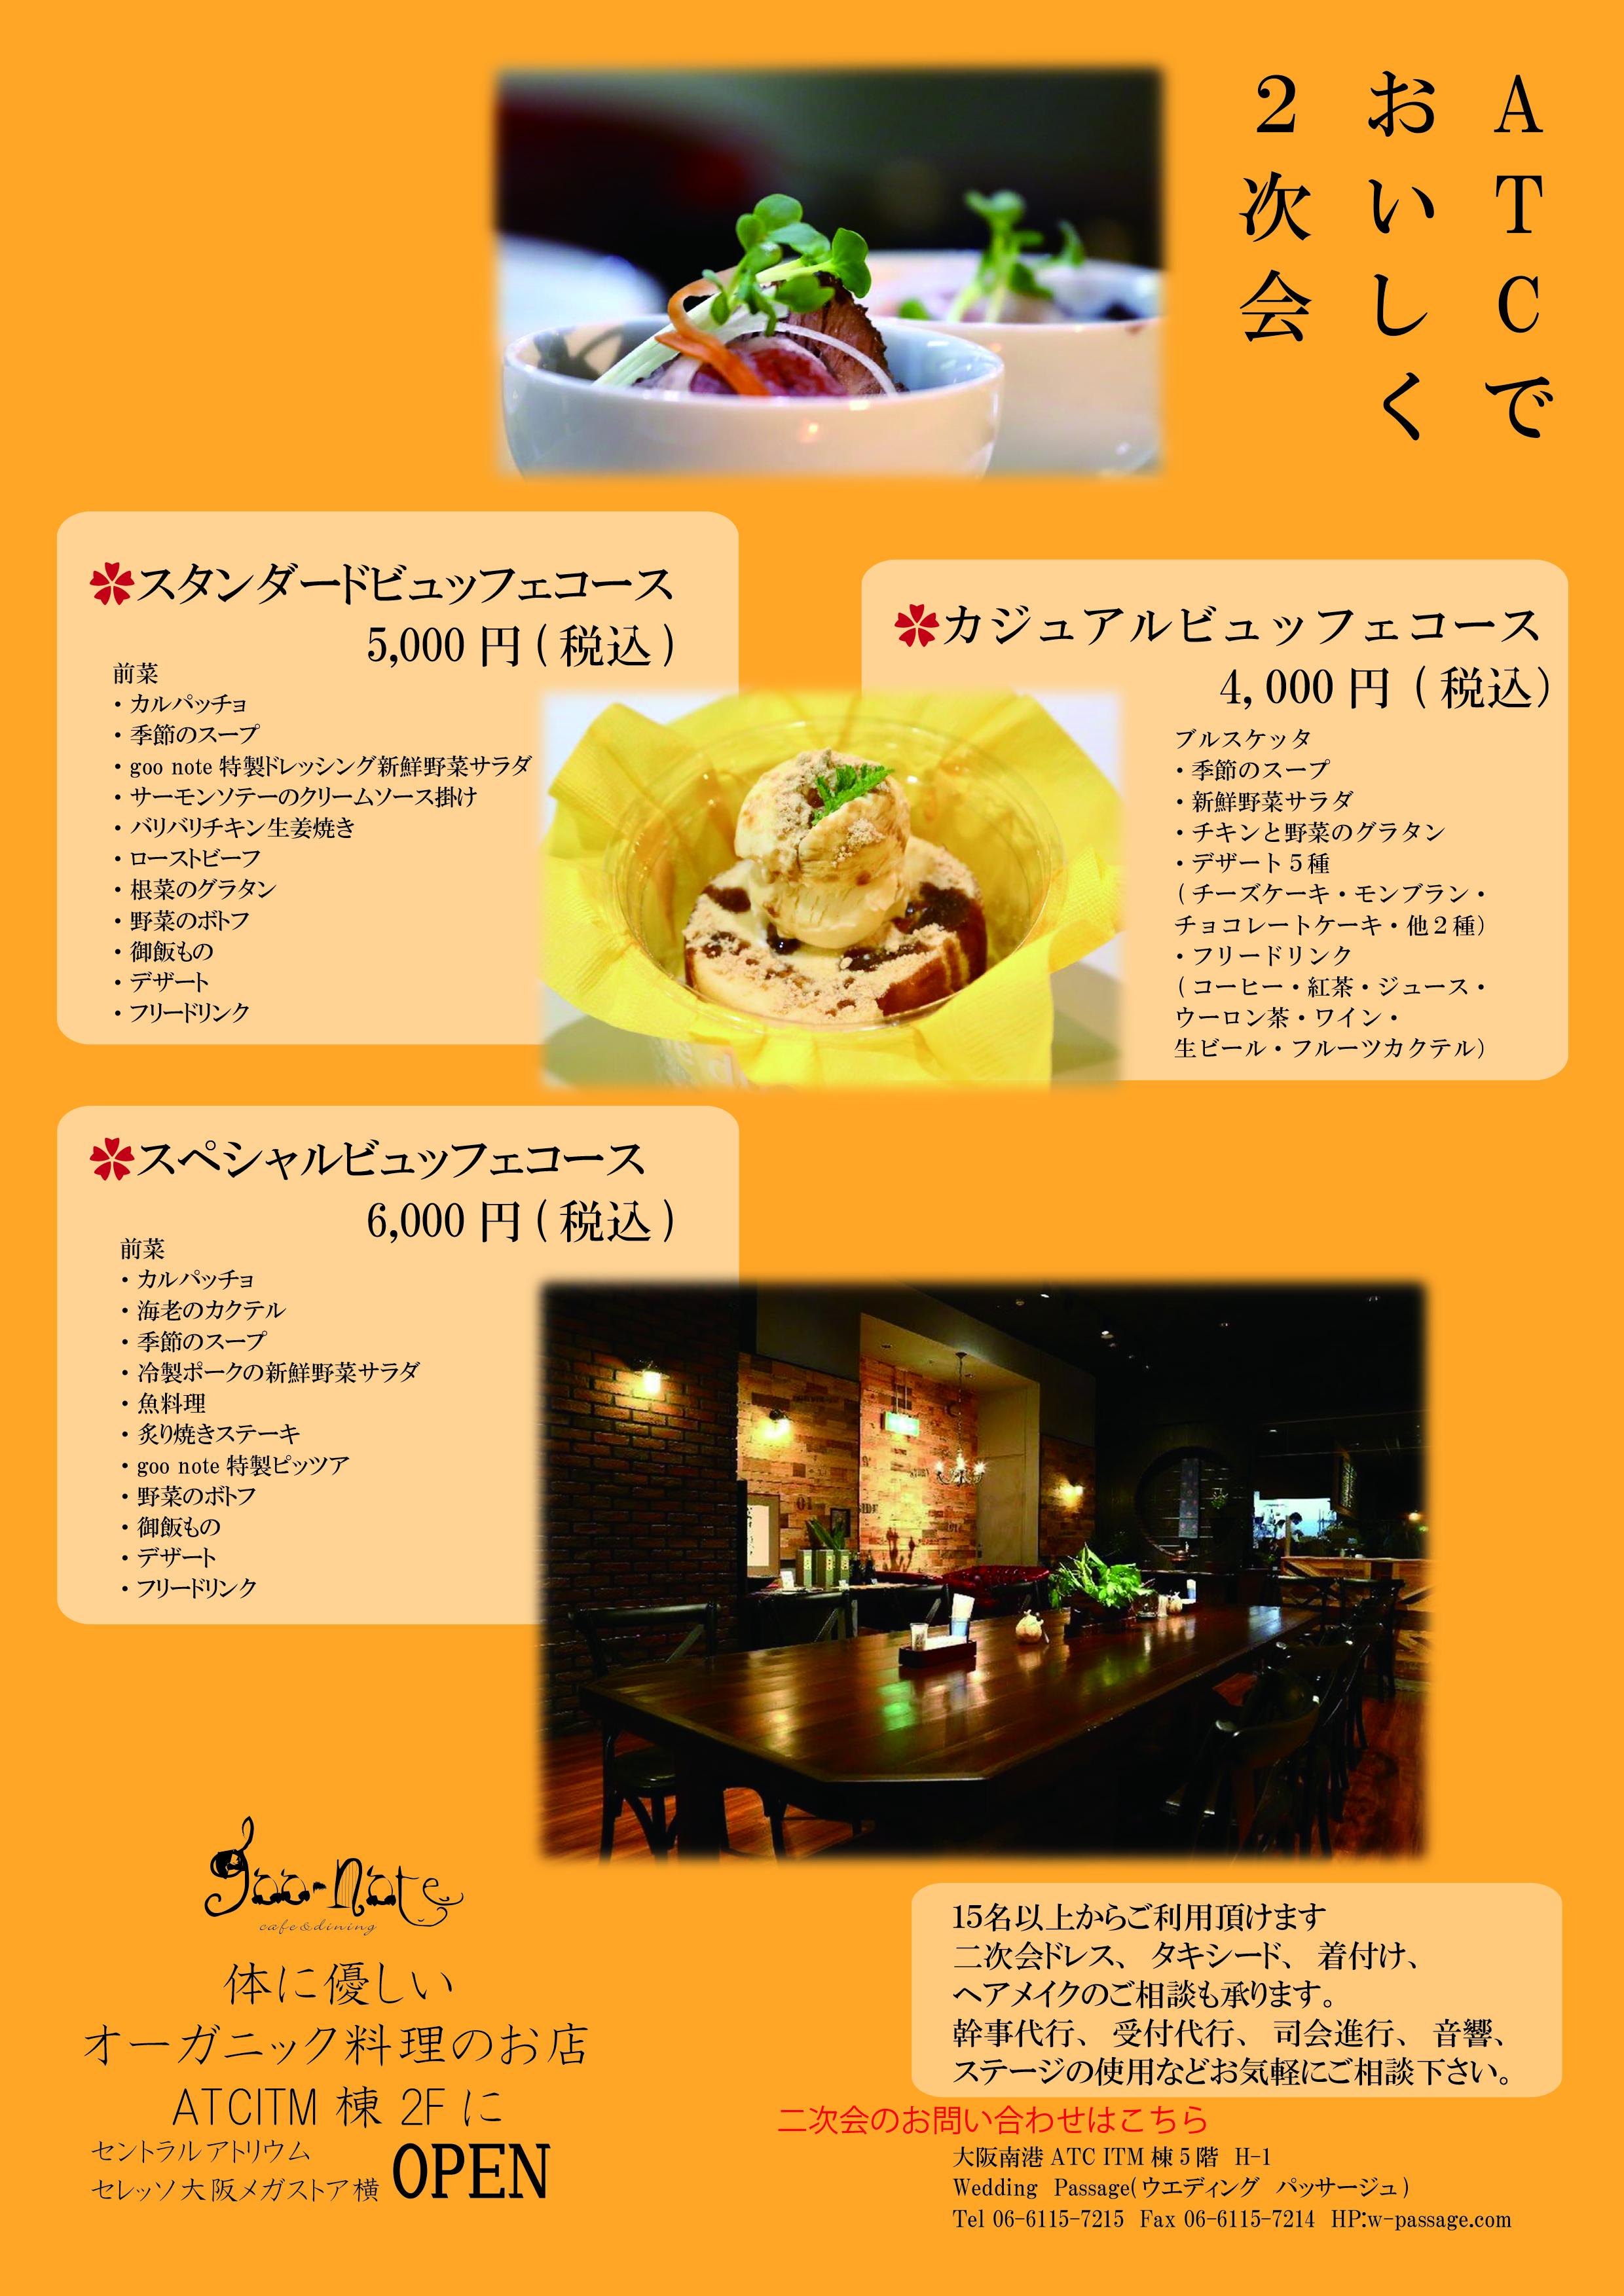 フォトウエディング後の1.5次会 お食事会 大阪南港での2次会でのご利用にぴったりの会場です